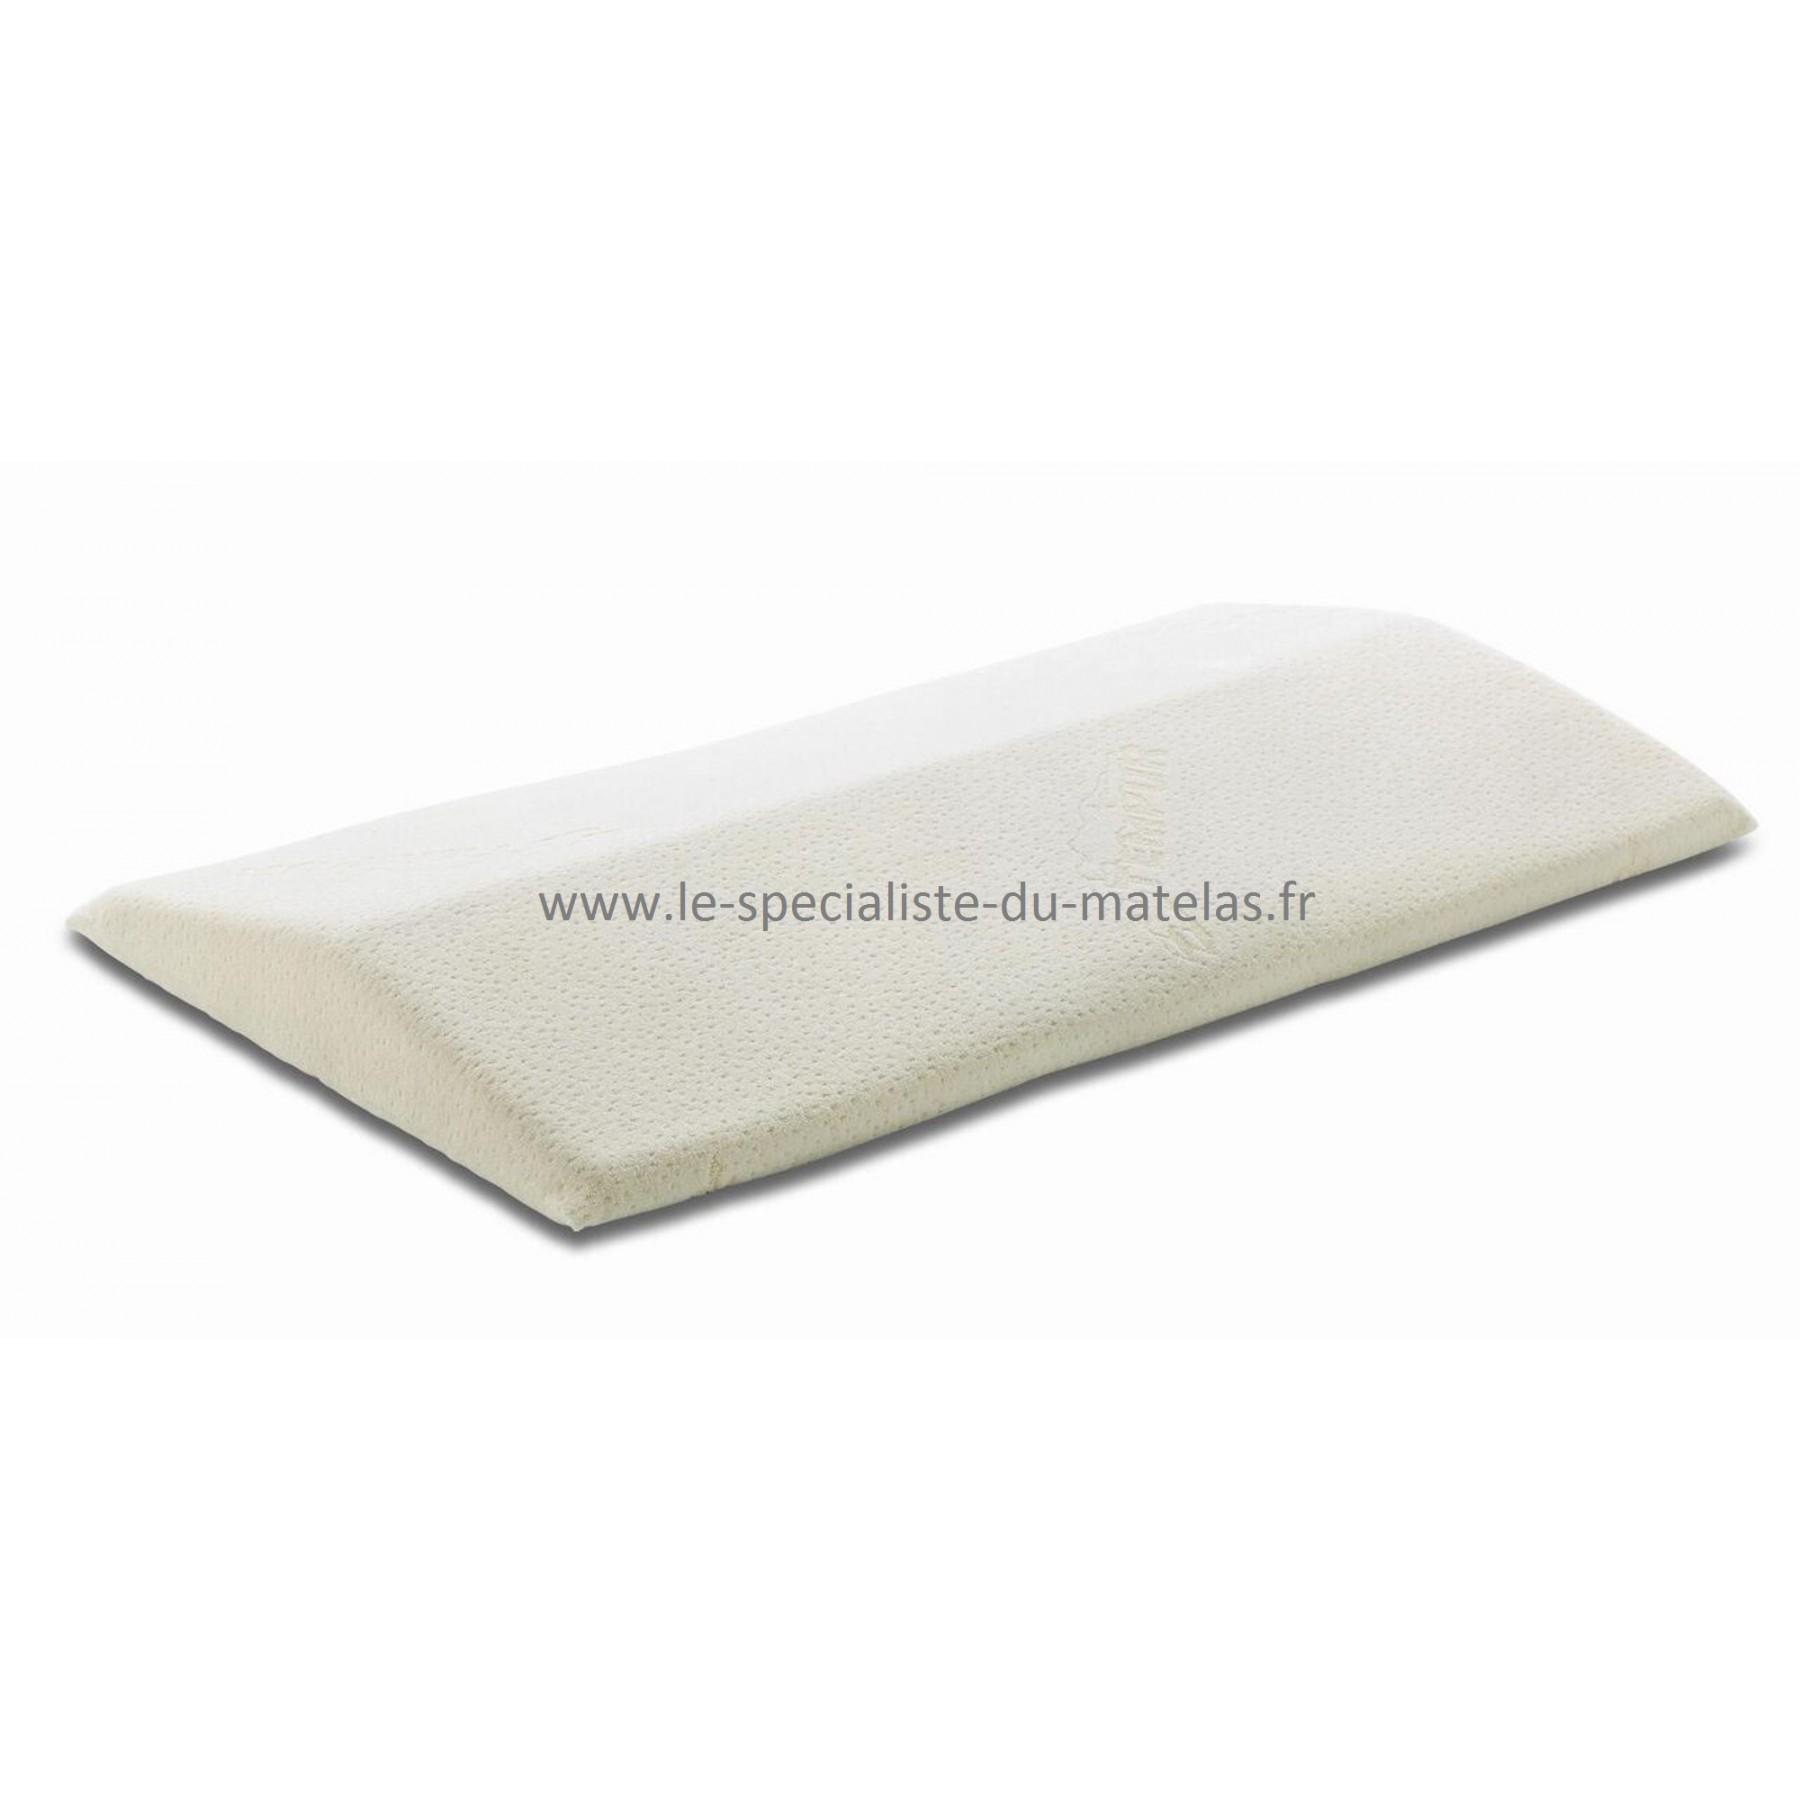 support dorsal pour lit tempur d couvrir au le. Black Bedroom Furniture Sets. Home Design Ideas